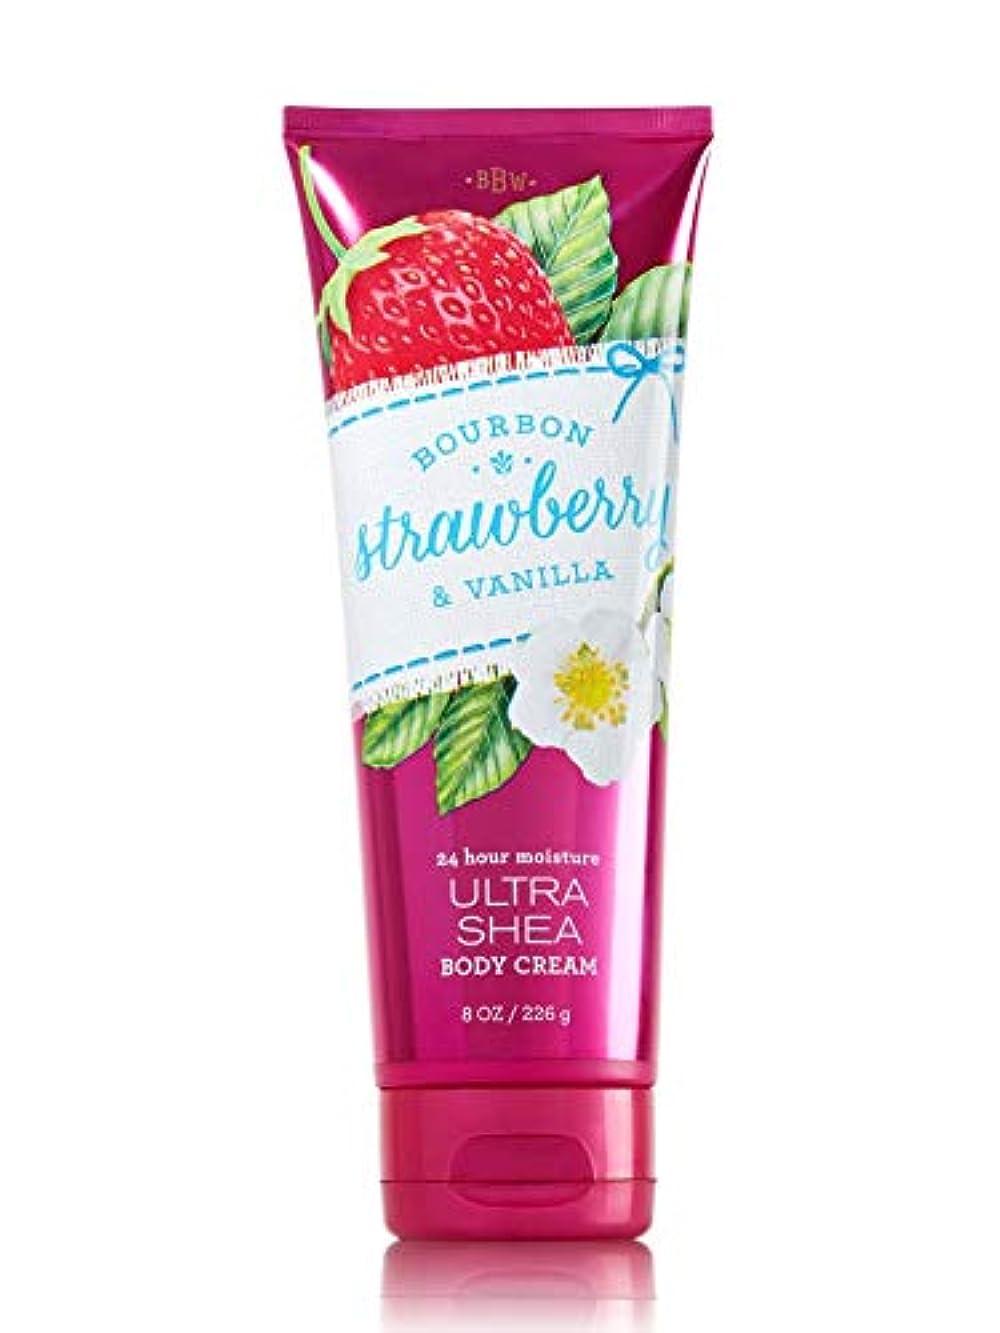 直感コークス強調【Bath&Body Works/バス&ボディワークス】 ボディクリーム ブルボンストロベリー&バニラ Body Cream Bourbon Strawberry & Vanilla 8 oz / 226 g [並行輸入品]